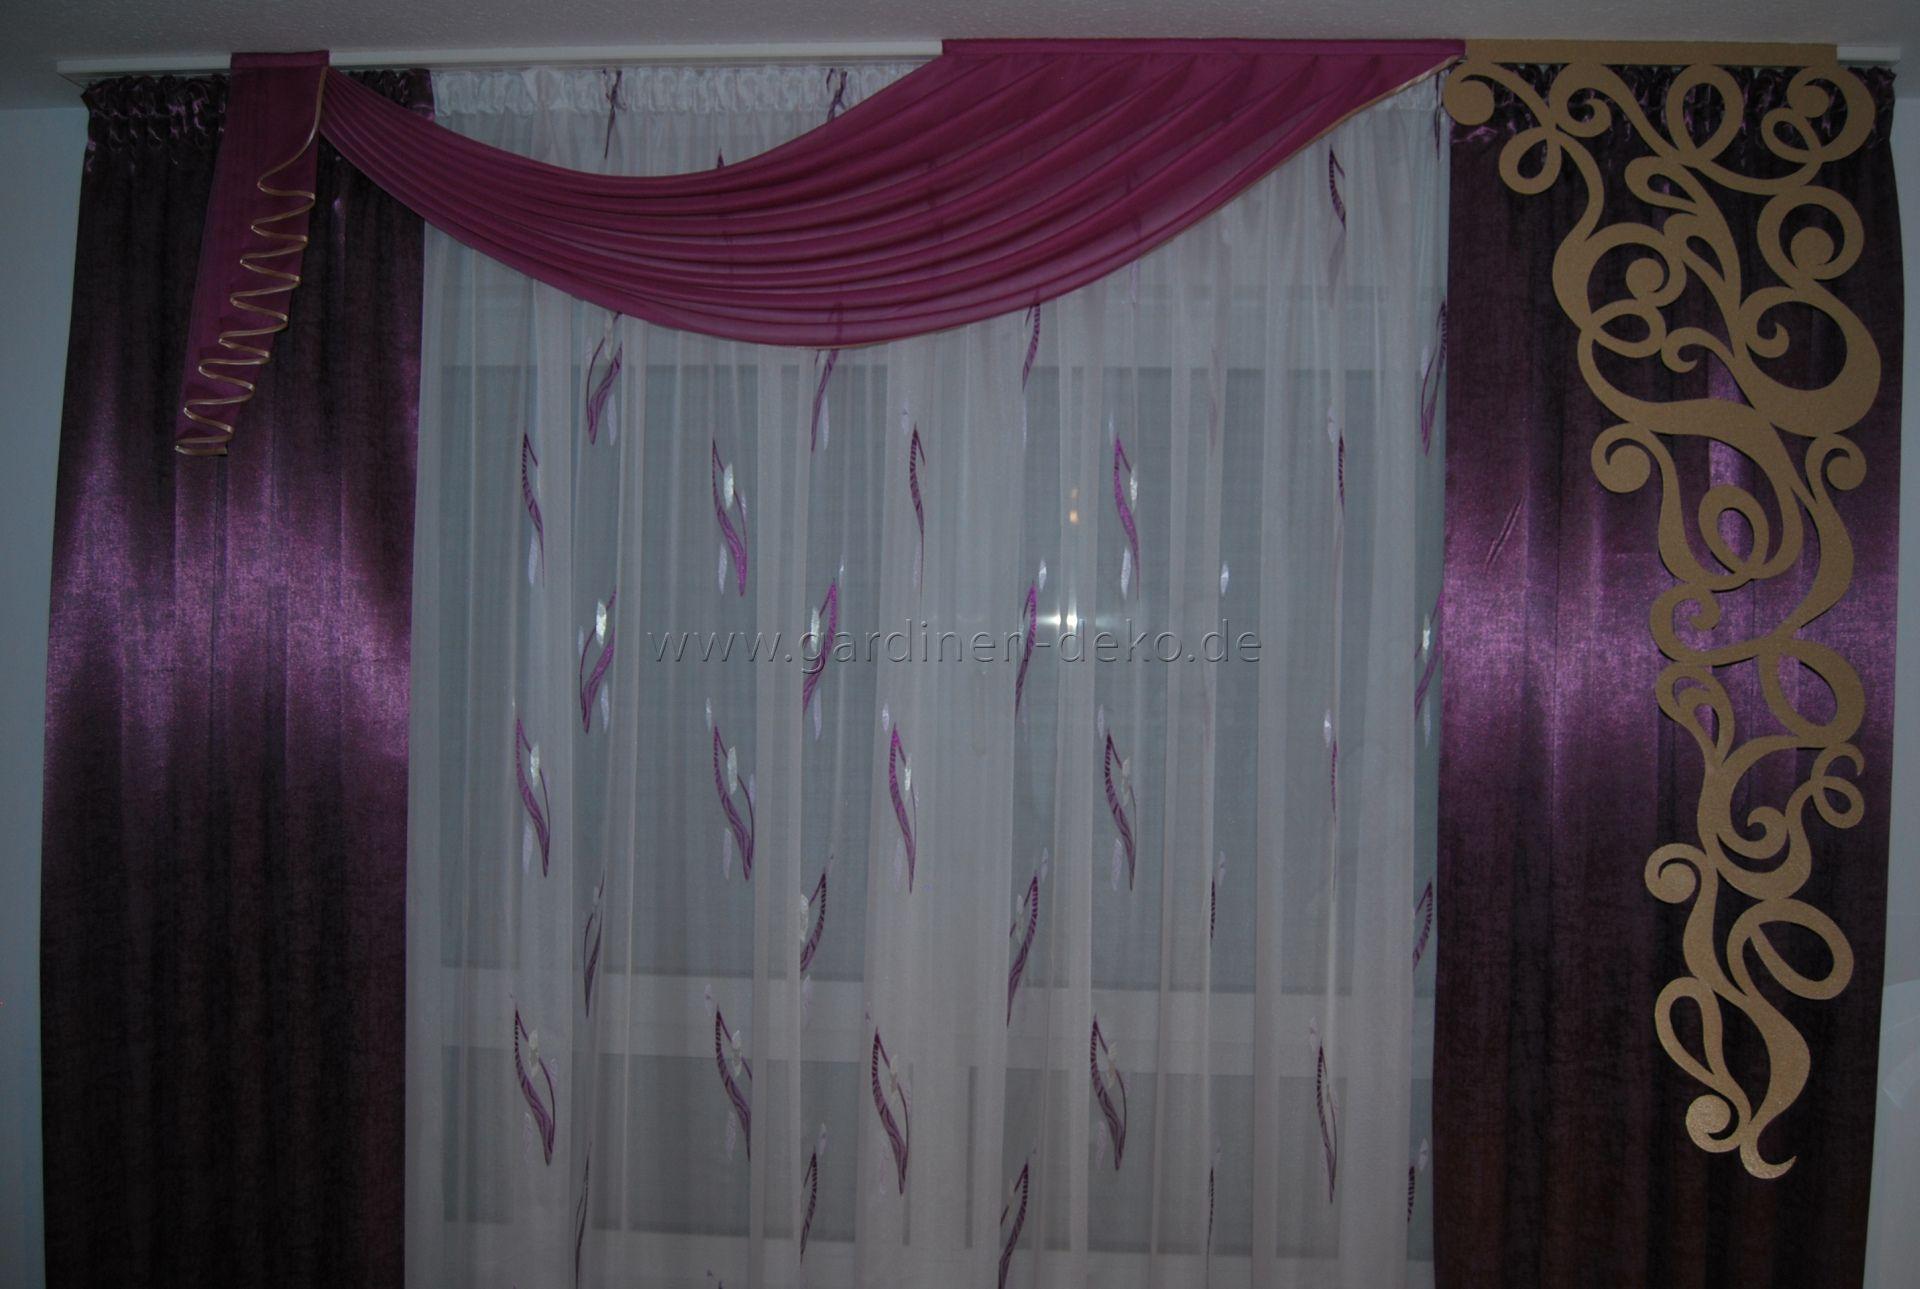 Verdunkelungsvorhang Schlafzimmer ~ Klassischer vorhang in lila fürs schlafzimmer mit großem